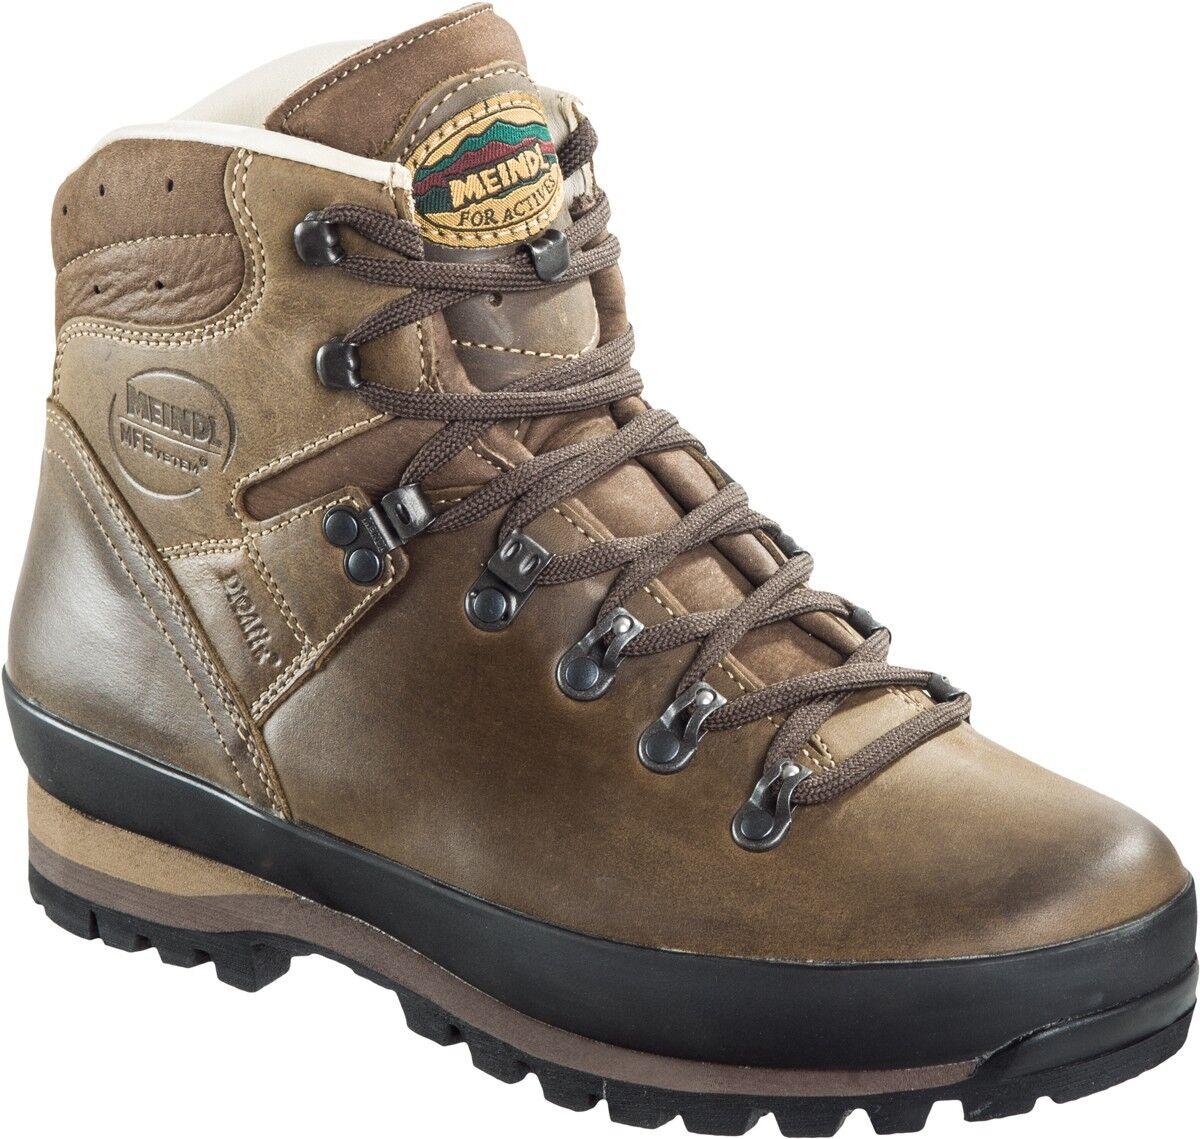 Meindl Zapatos de Senderismo Borneo 2 MFS   bajo precio